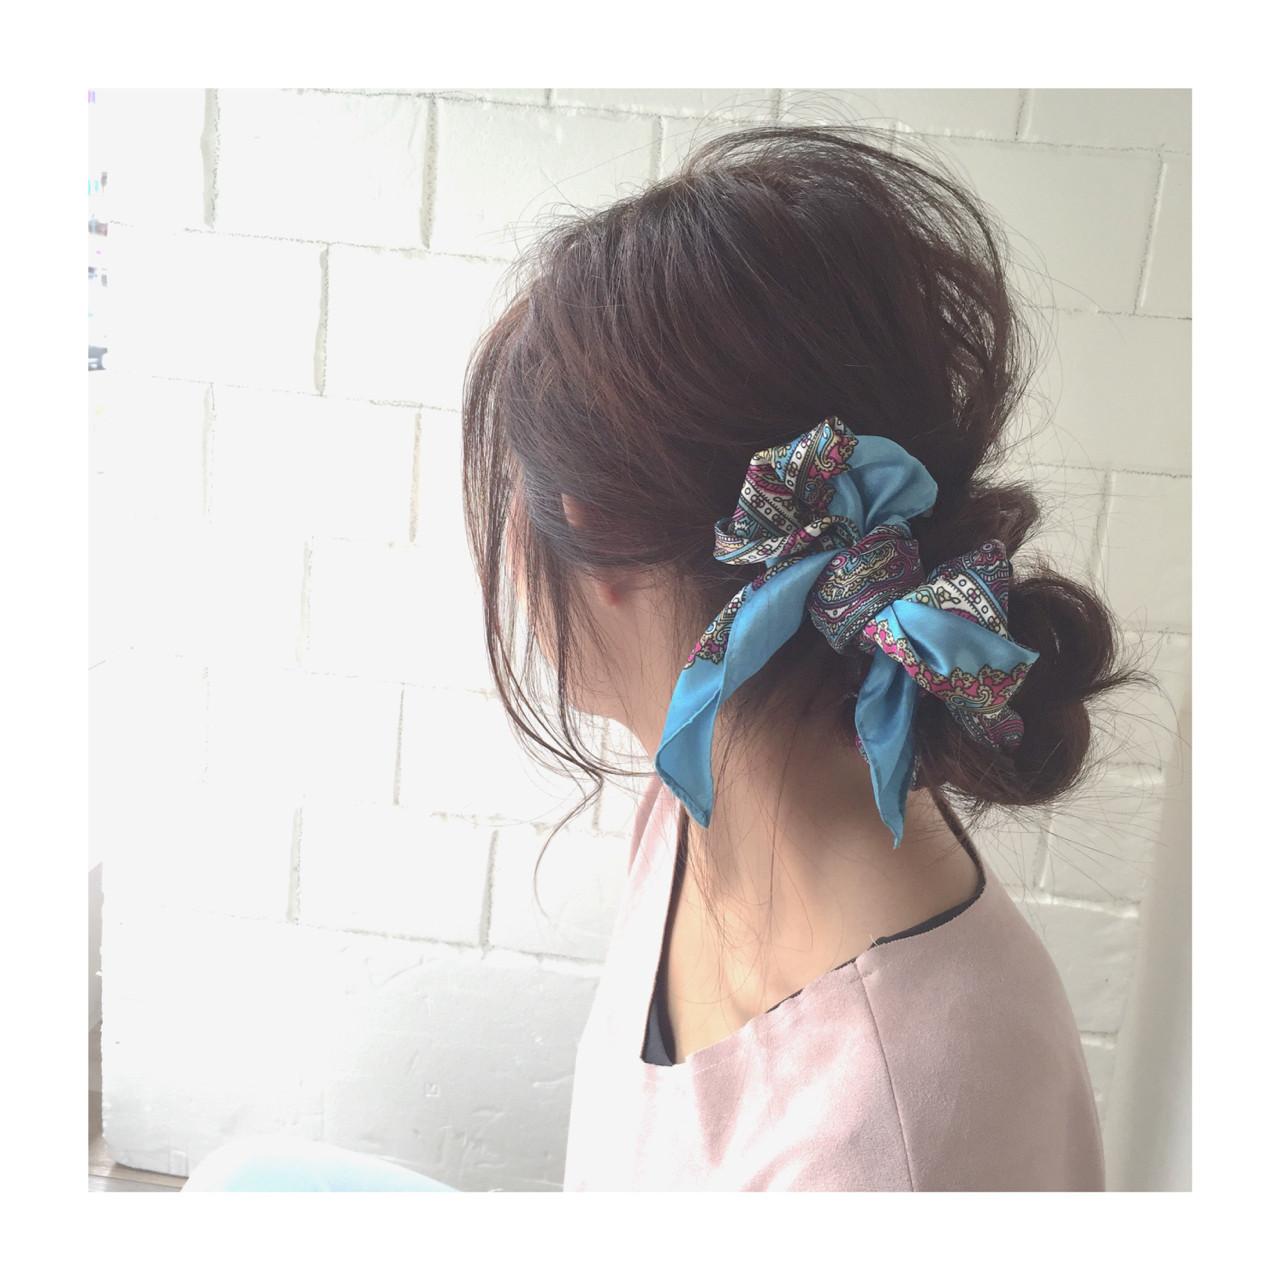 スカーフで簡単におしゃれヘアアレンジ!大人っぽくイメチェンが叶うアレンジ集  土佐風花 | k-two shinsaibashi